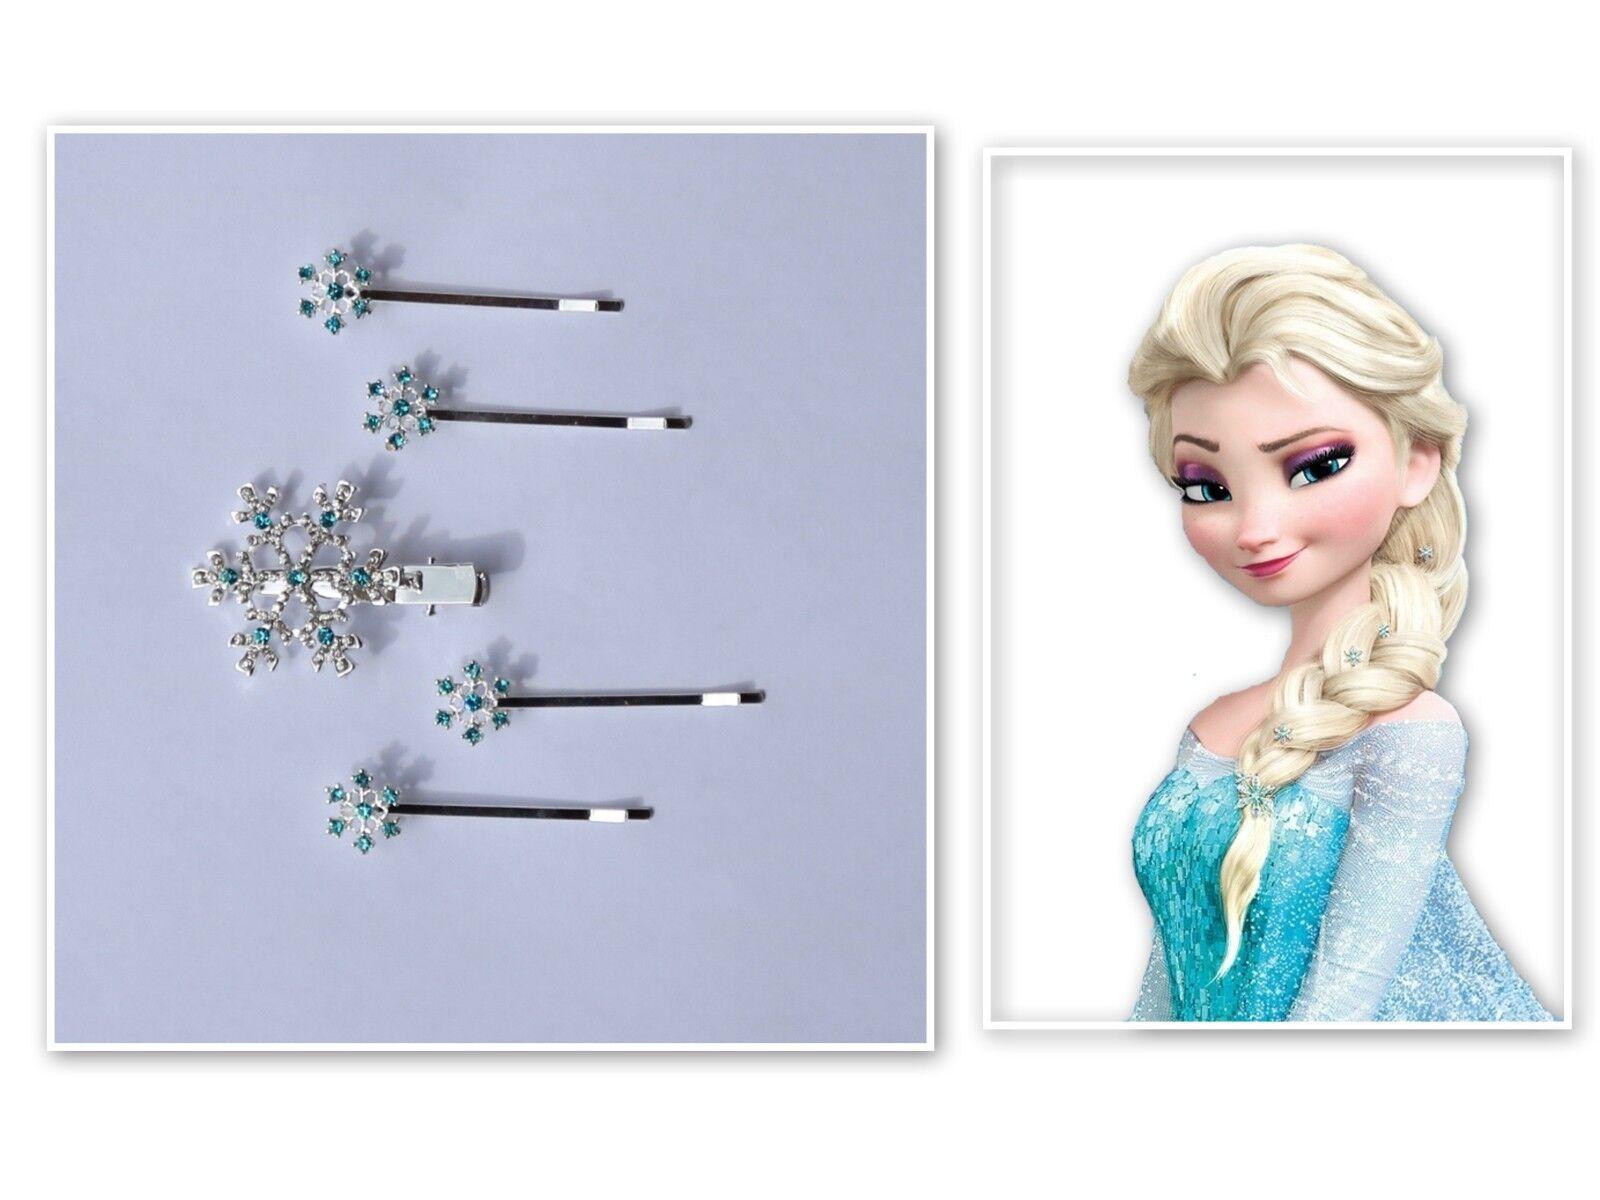 Haarspangen Schneeflocken Eiskönigin Frozen Elsa Haarklammern Silber blau 6 Stk.